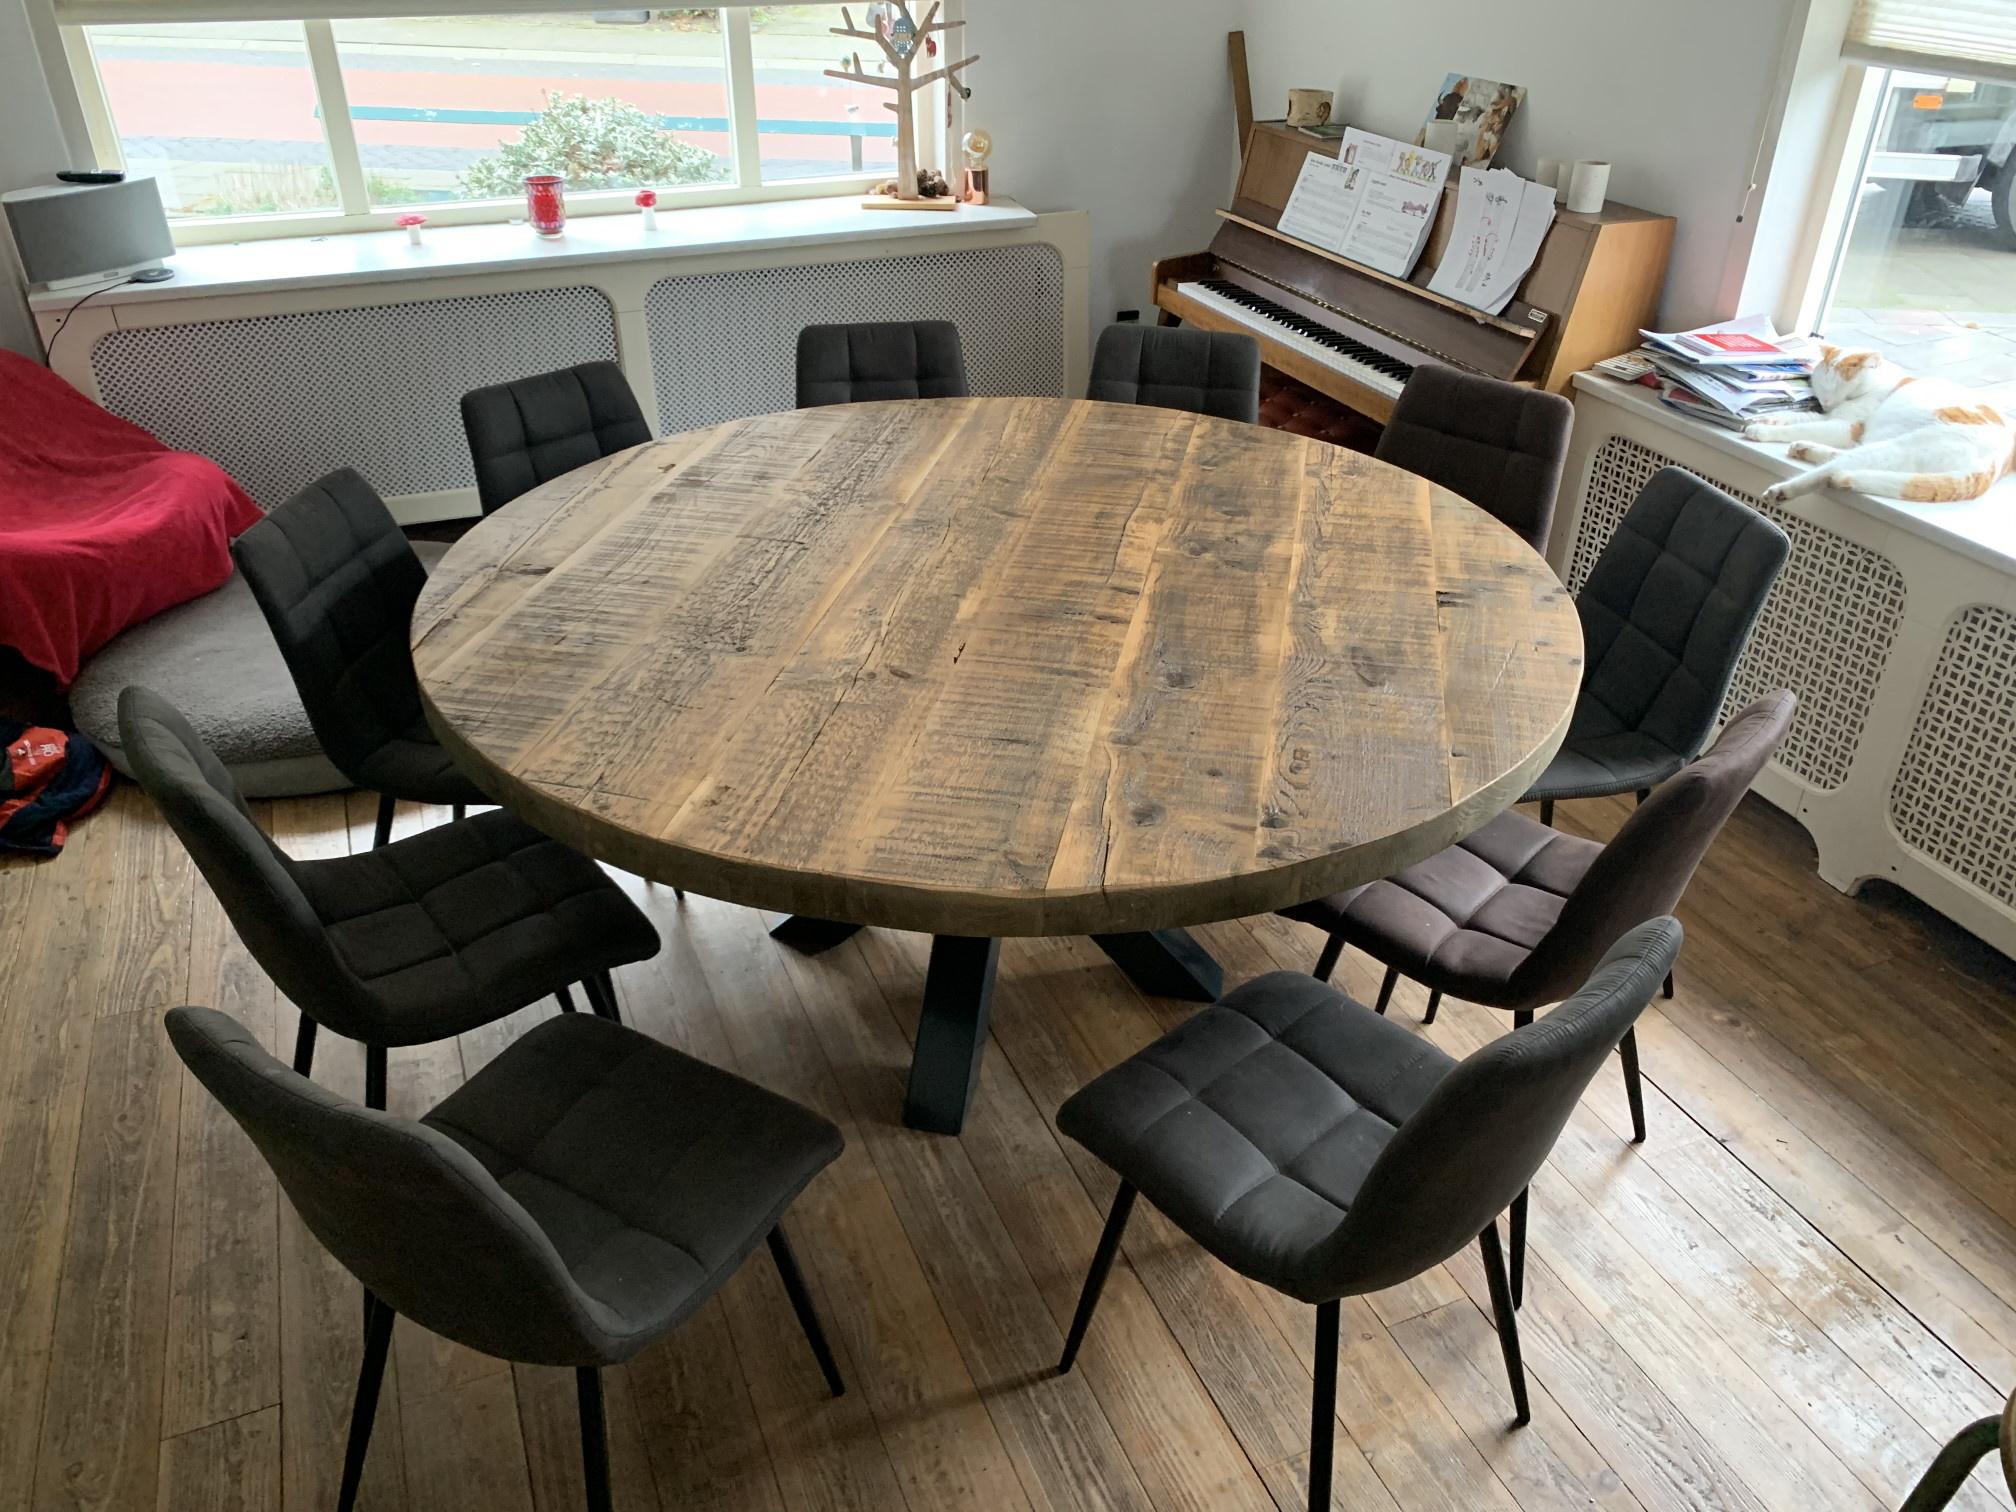 Ongebruikt Ronde tafel 180 cm! | Prachtige sfeervolle ronde tafel tot wel 180 AM-24